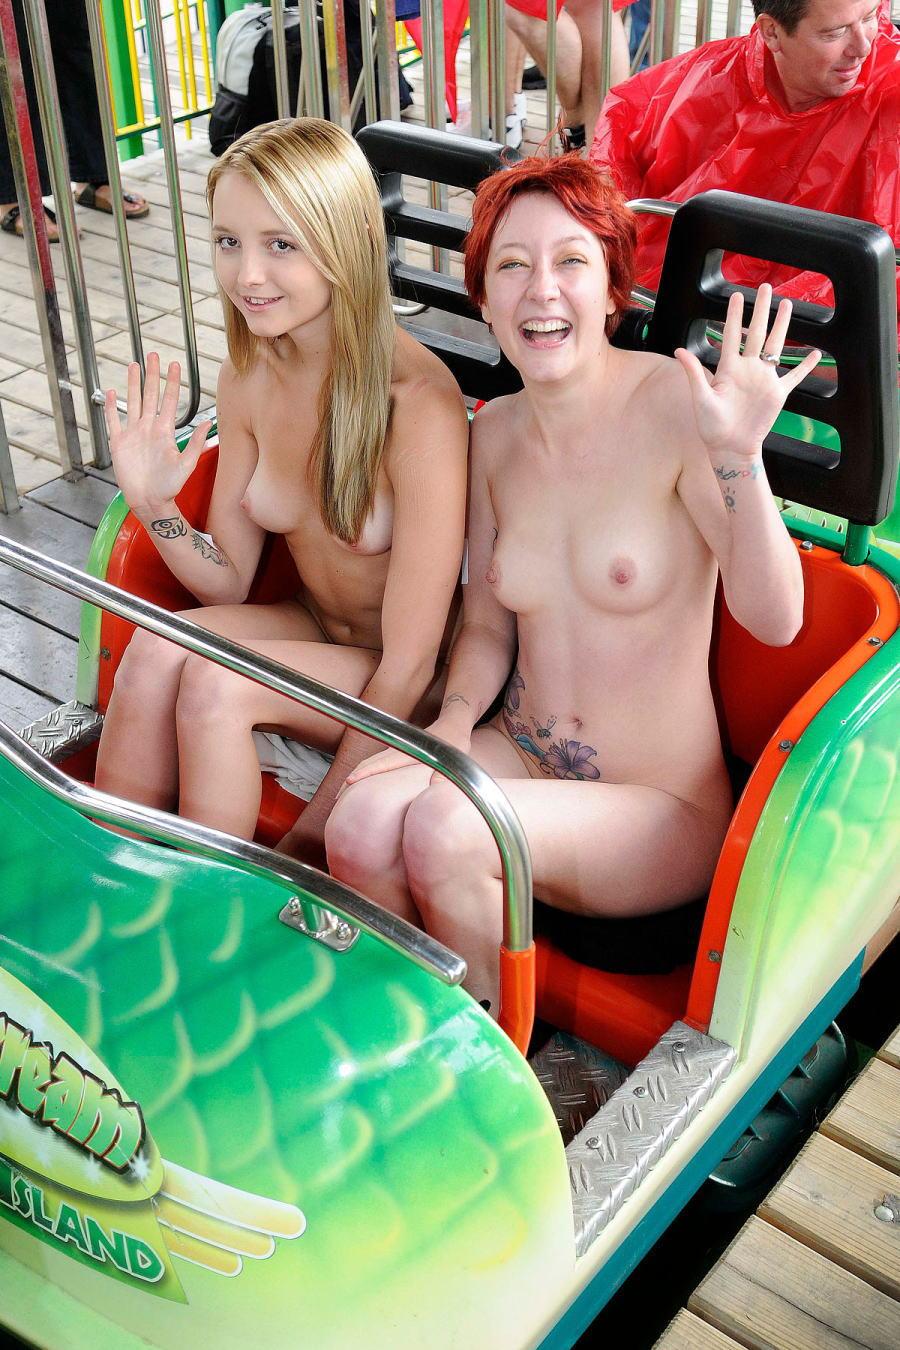 スリムな海外美女達が全裸で乗り物に乗る!